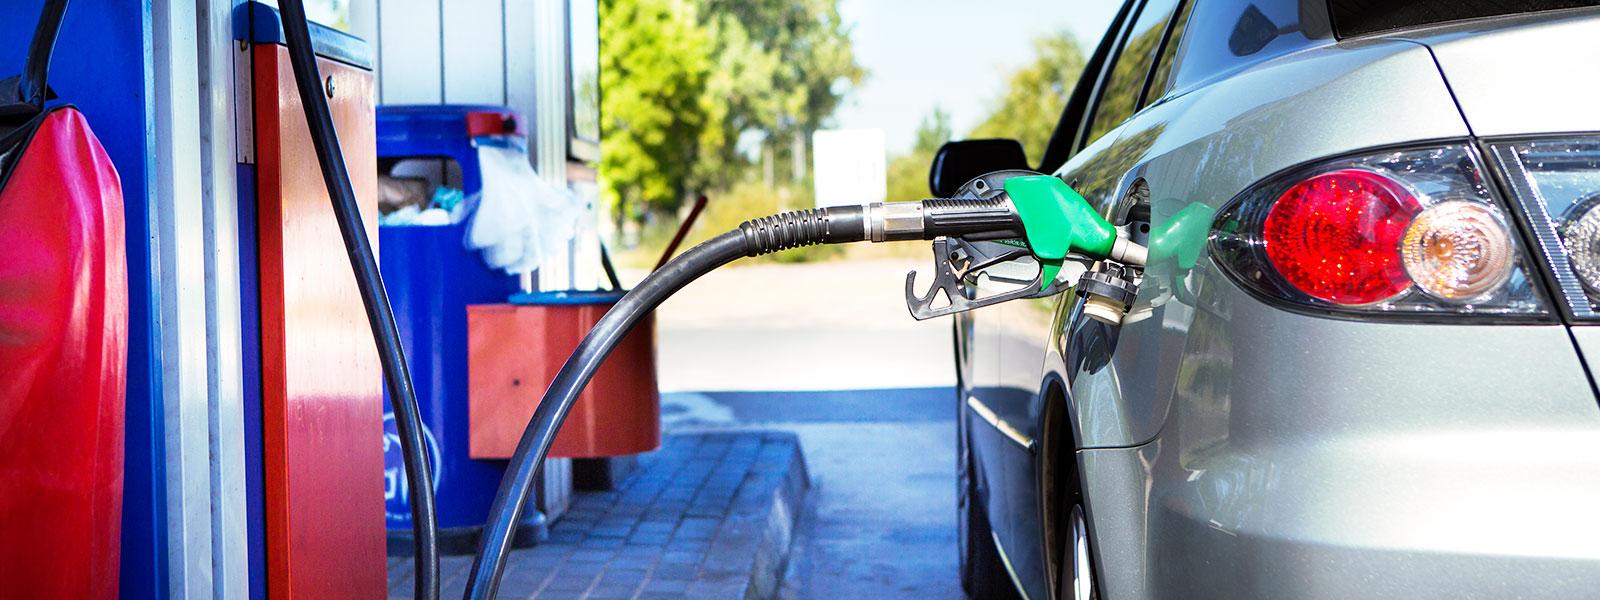 Reduza o gasto de combustível: conheça os veículos mais econômicos